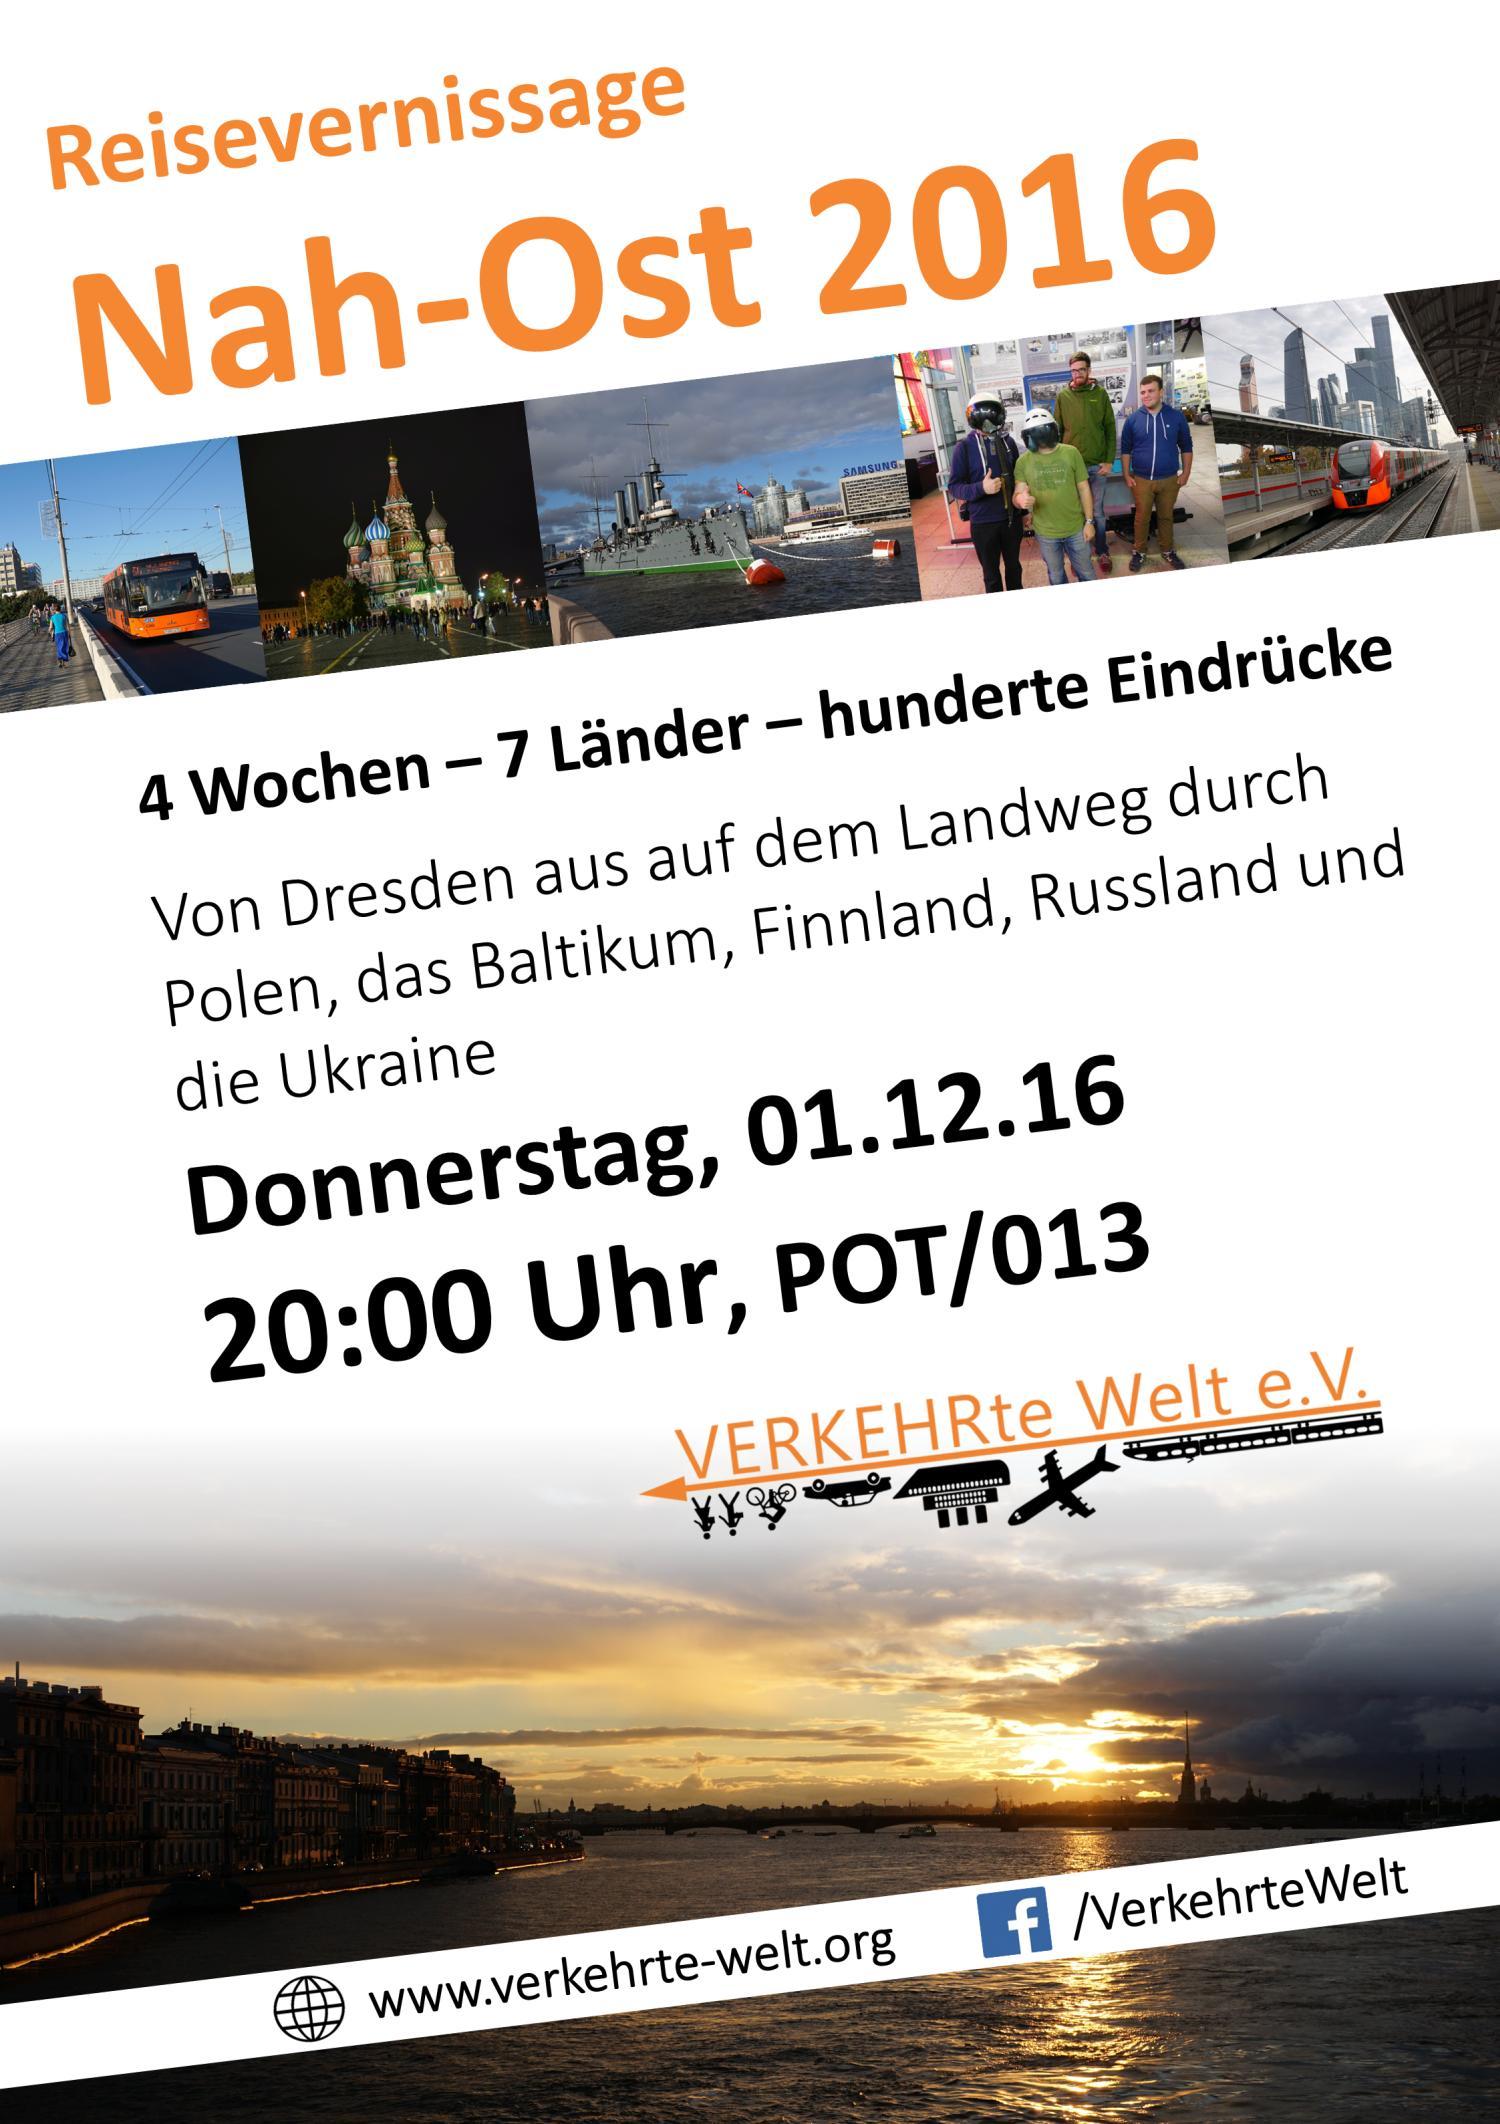 Reisevernissage Nah-Ost 2016